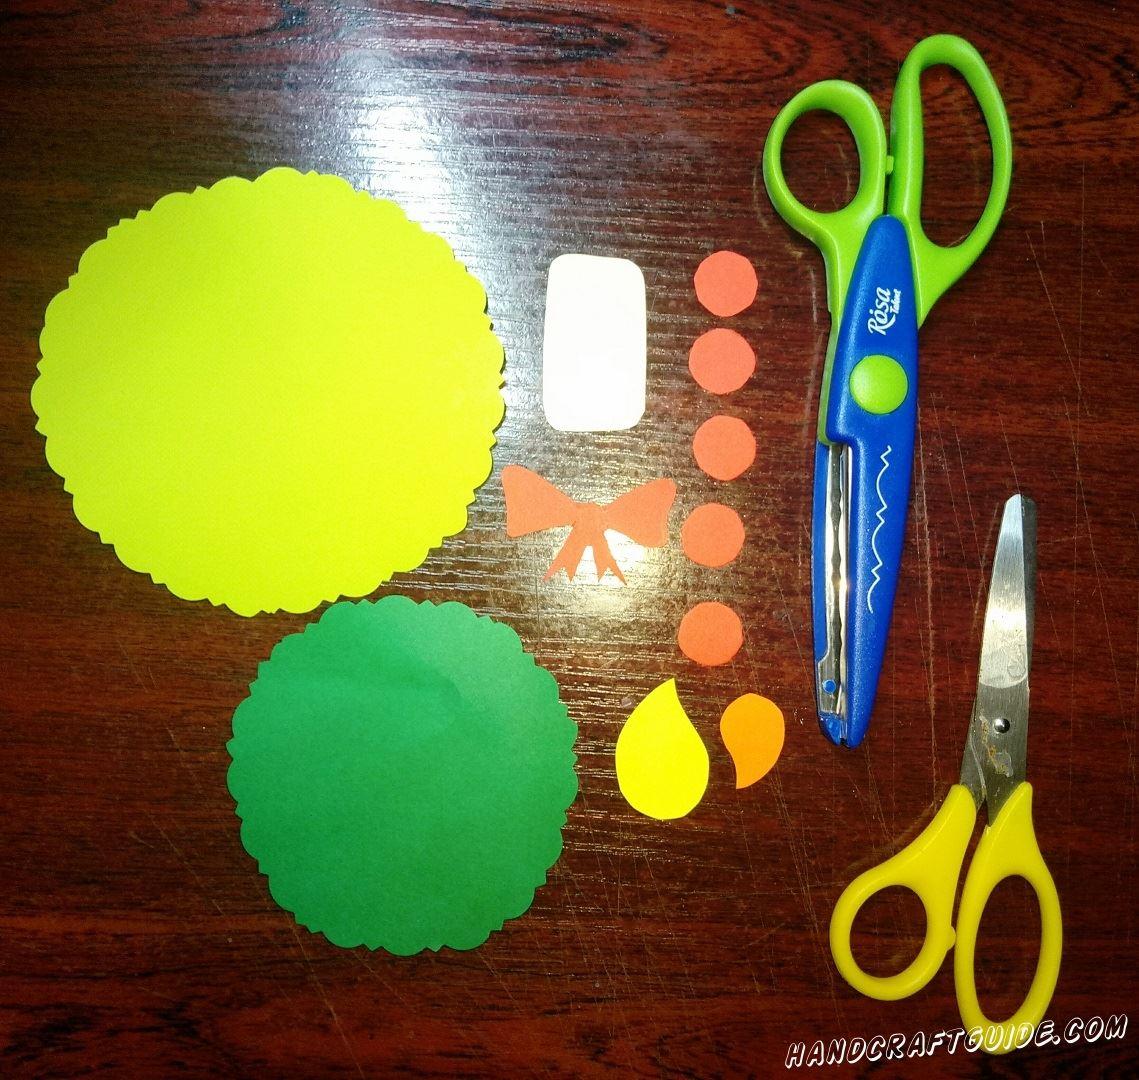 Для начала, нам нужно вырезать из бумаги большой жёлтый круг и чуть меньший зелёного цвета. Круги можно украсить, вырезав узорами по ободку. Также нам понадобится пять маленьких красных кружочка, красный бумажный бантик, маленькая белая свечка из бумаги, и два огонька – оранжевый и, чуть меньшего размера, желтый.